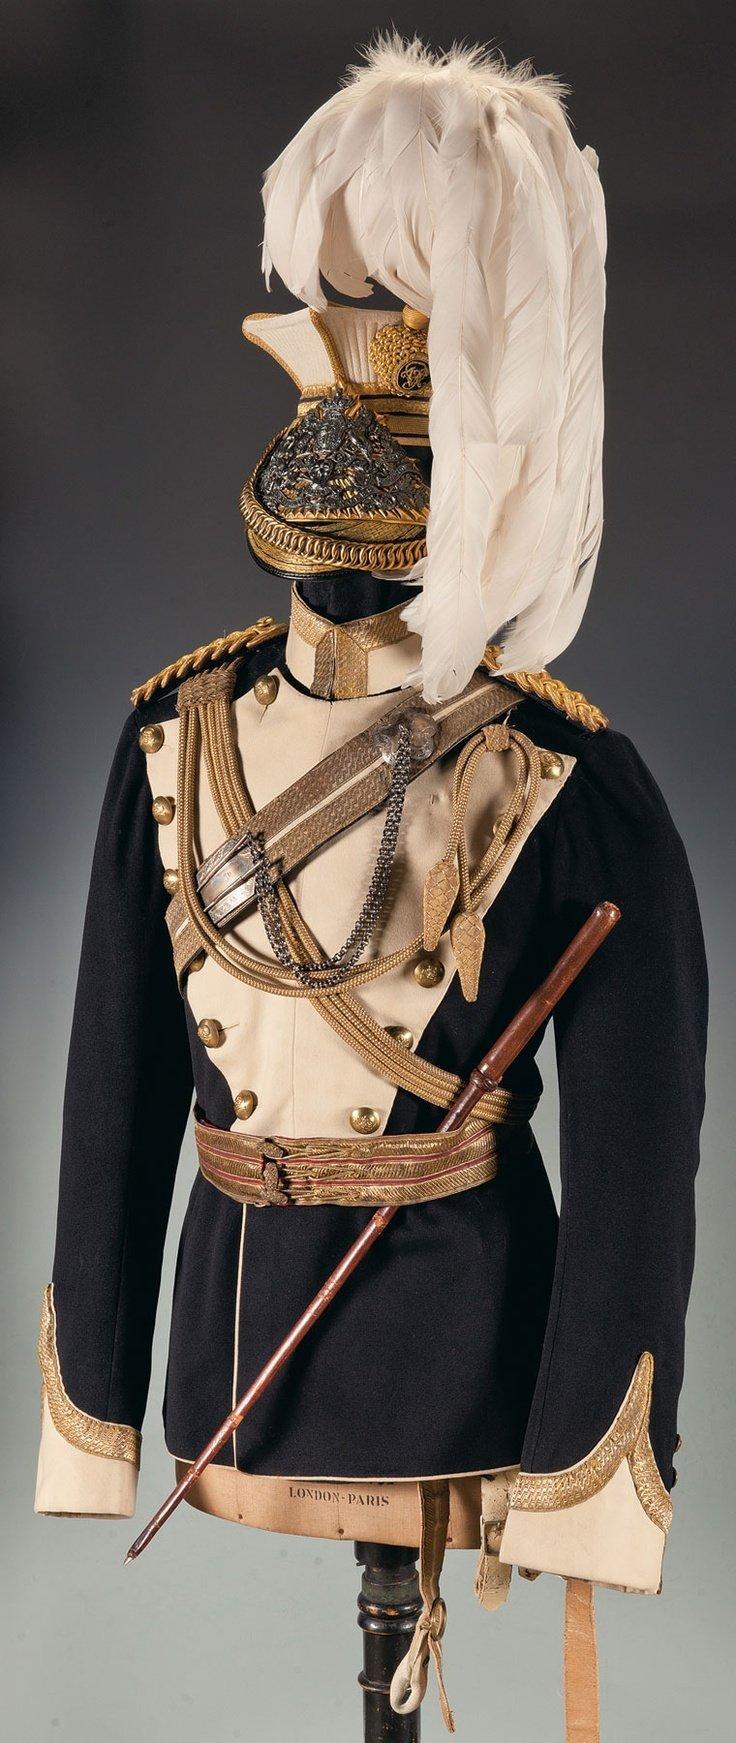 Уланы, 17 век военное, история, красота, мундир